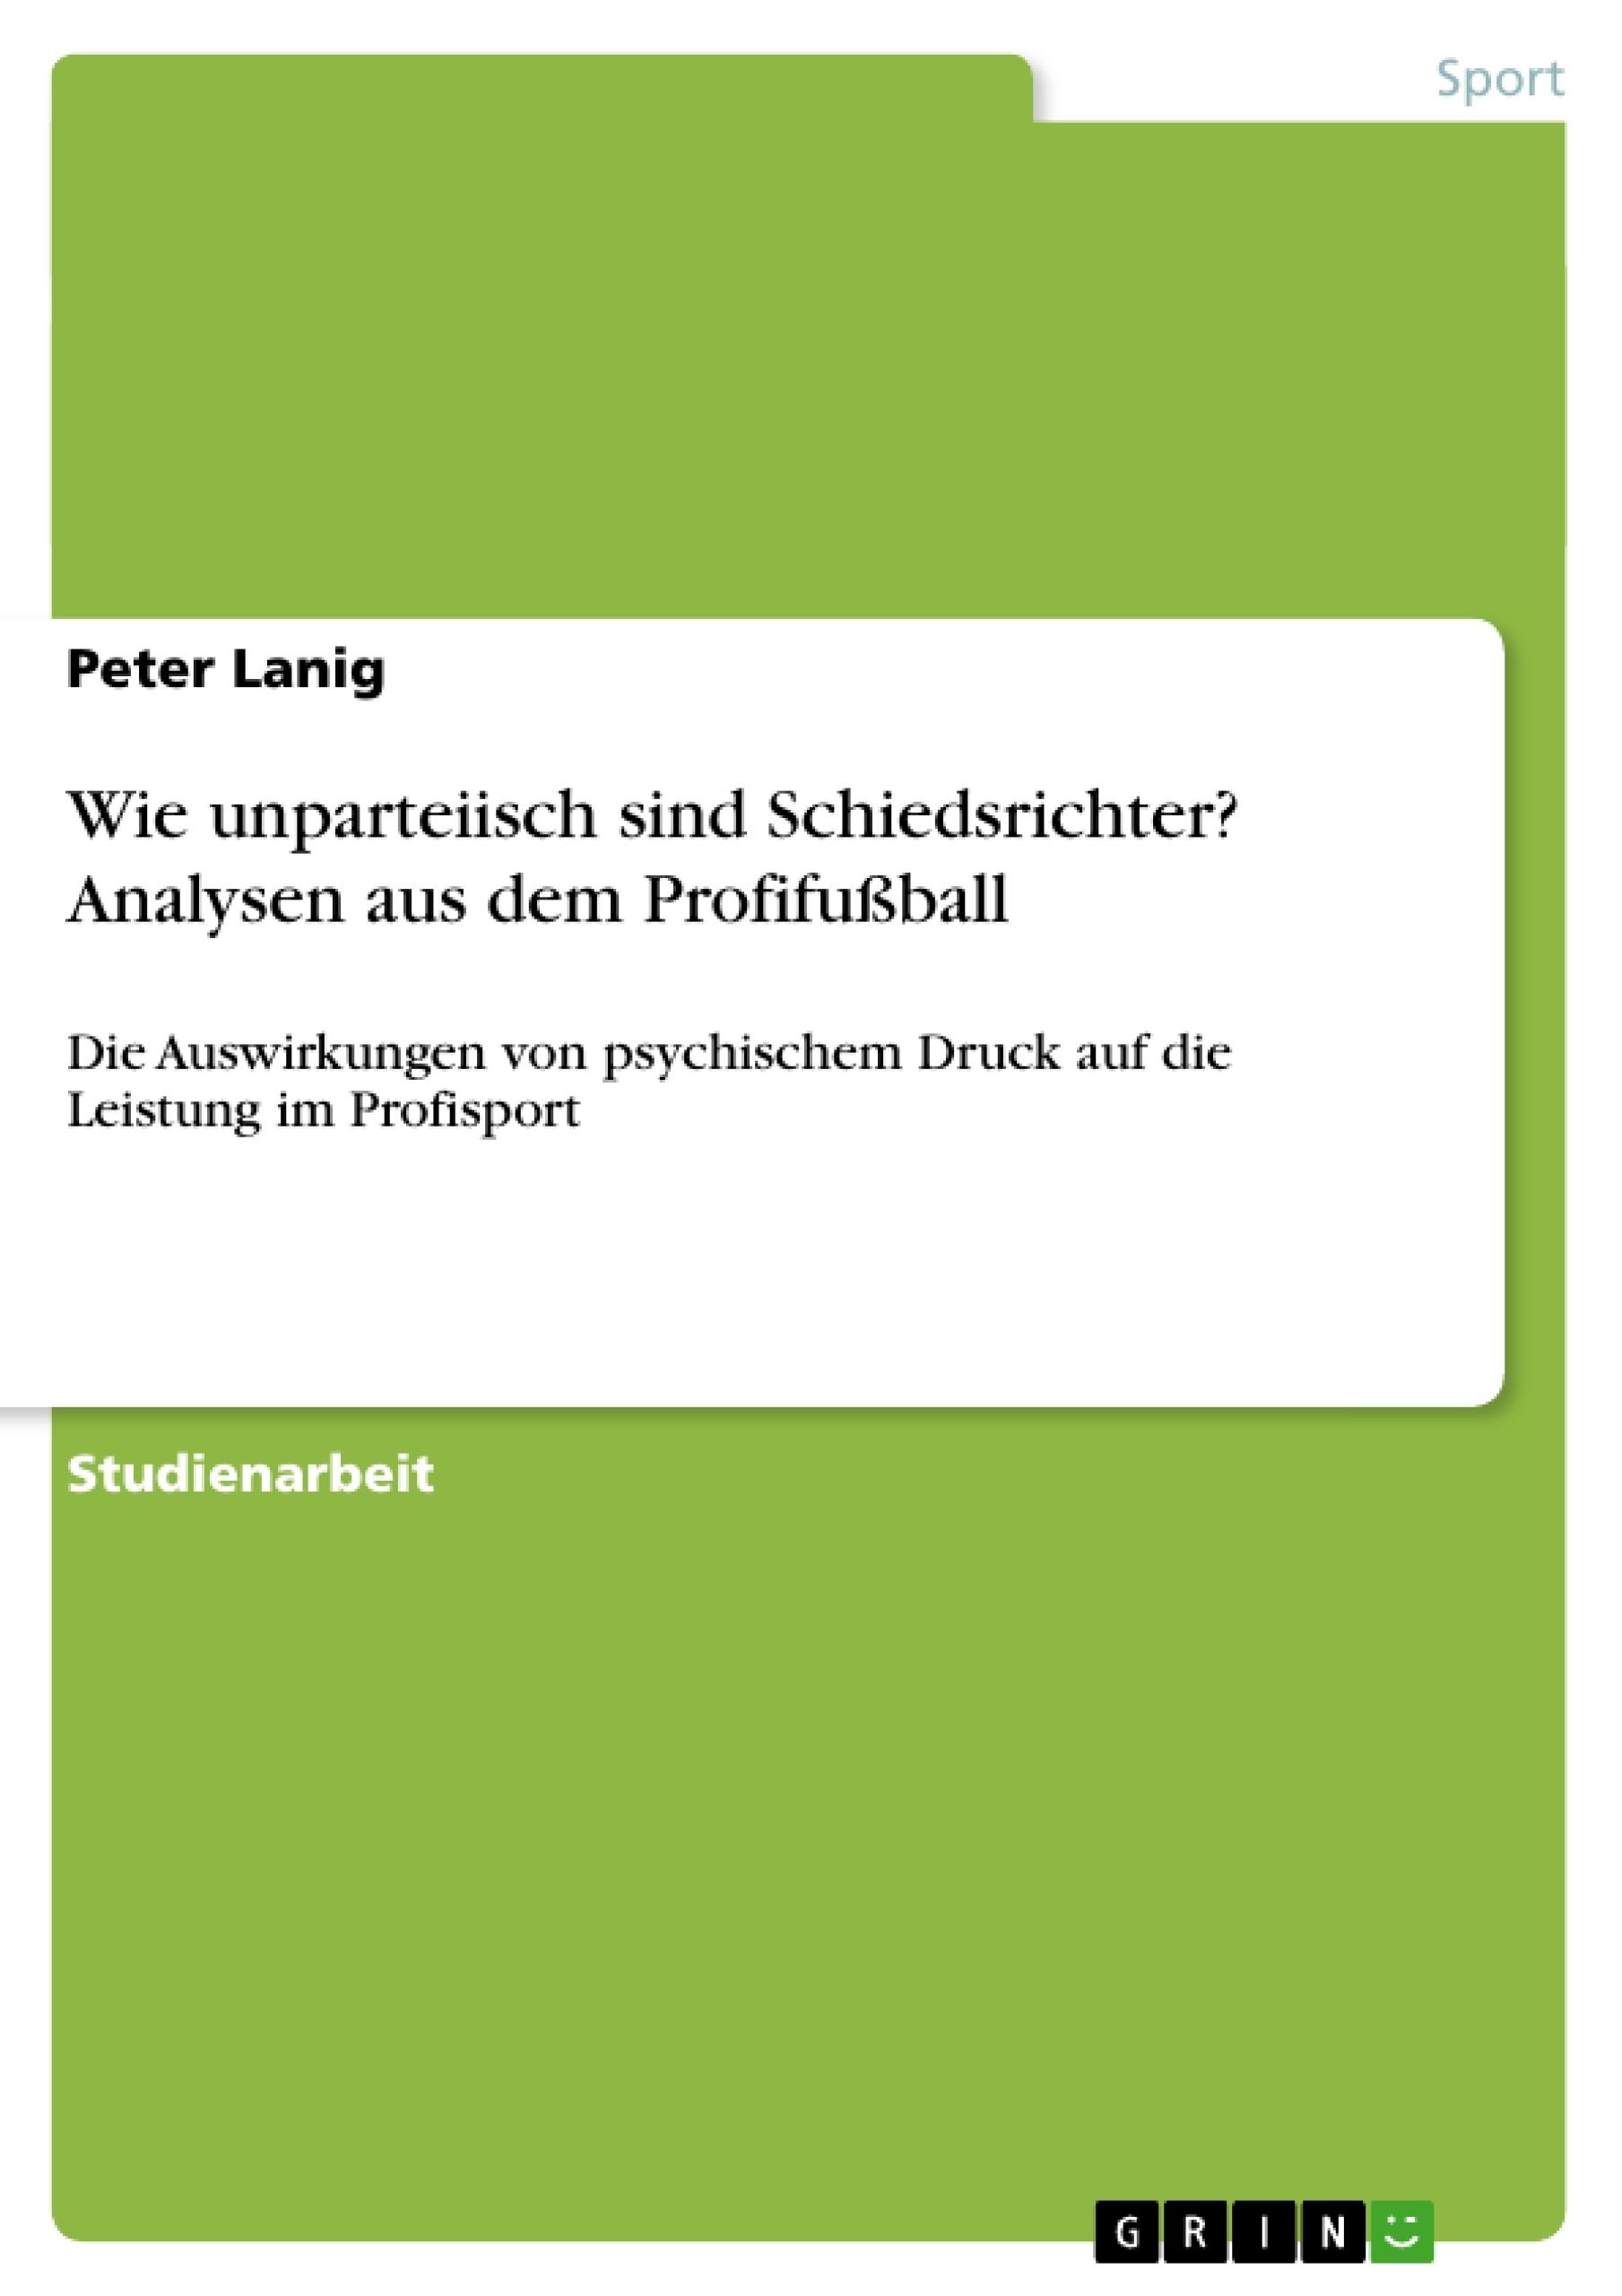 Titel: Wie unparteiisch sind Schiedsrichter? Analysen aus dem Profifußball